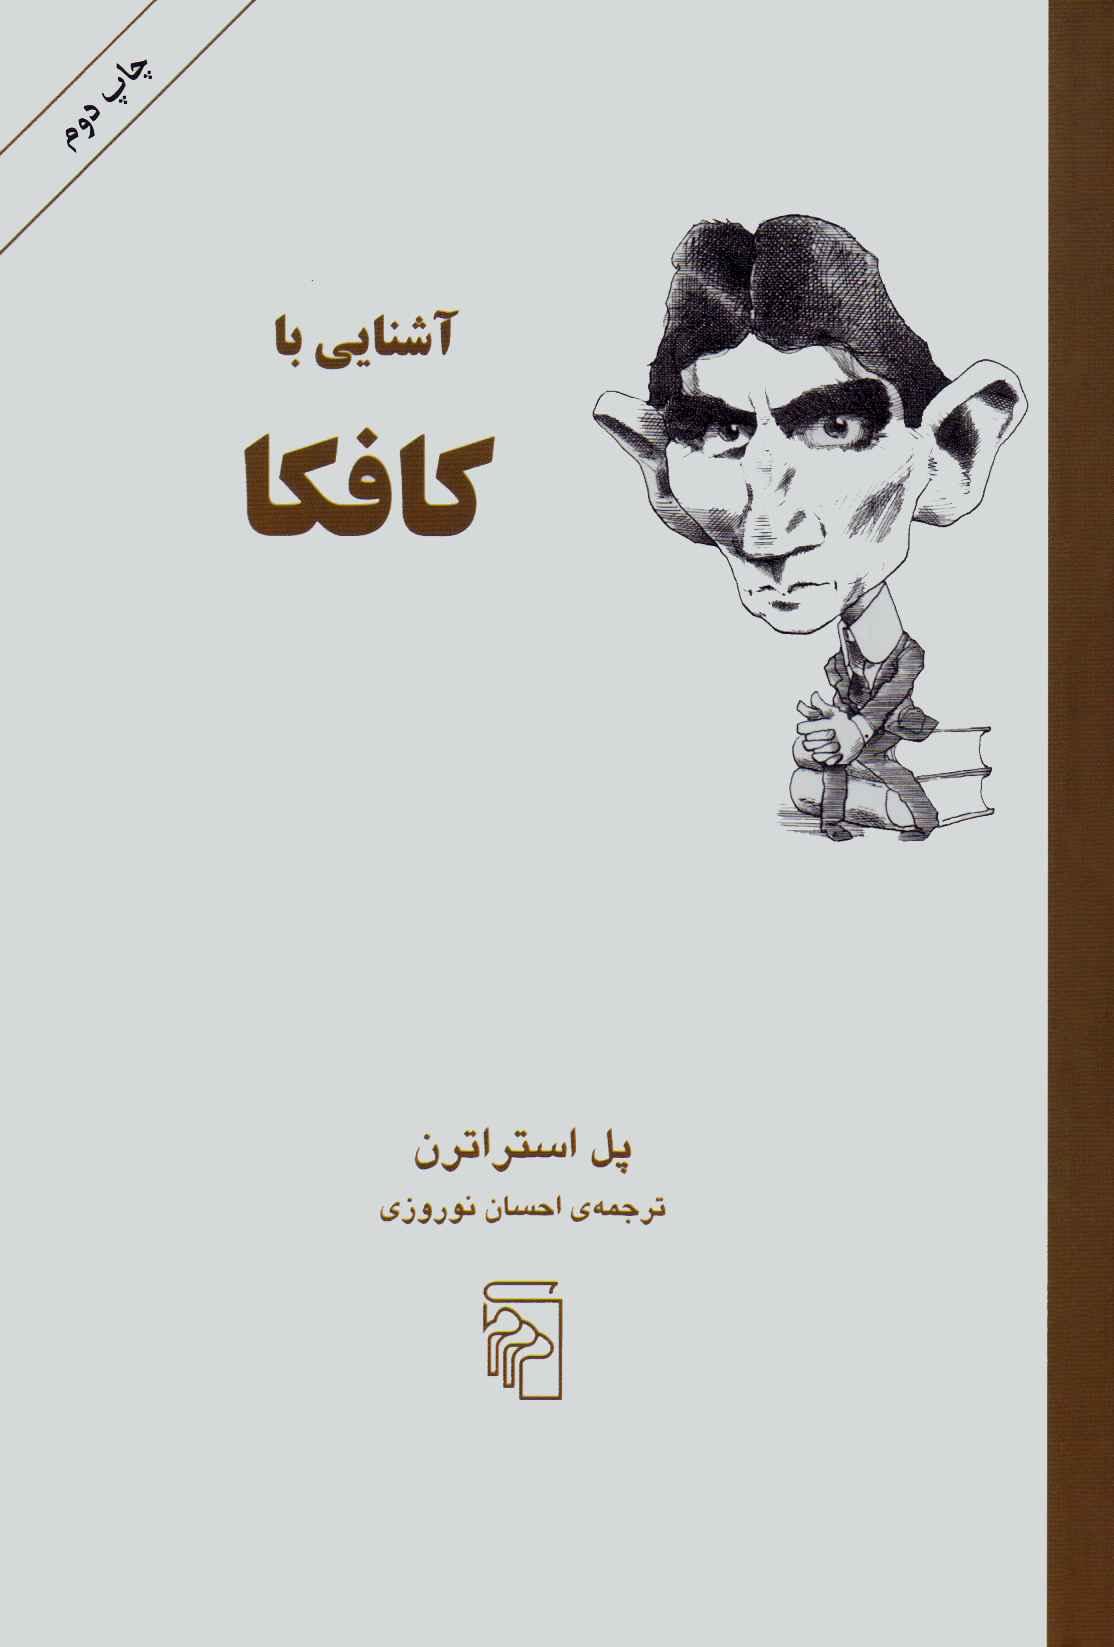 کتاب آشنایی با کافکا